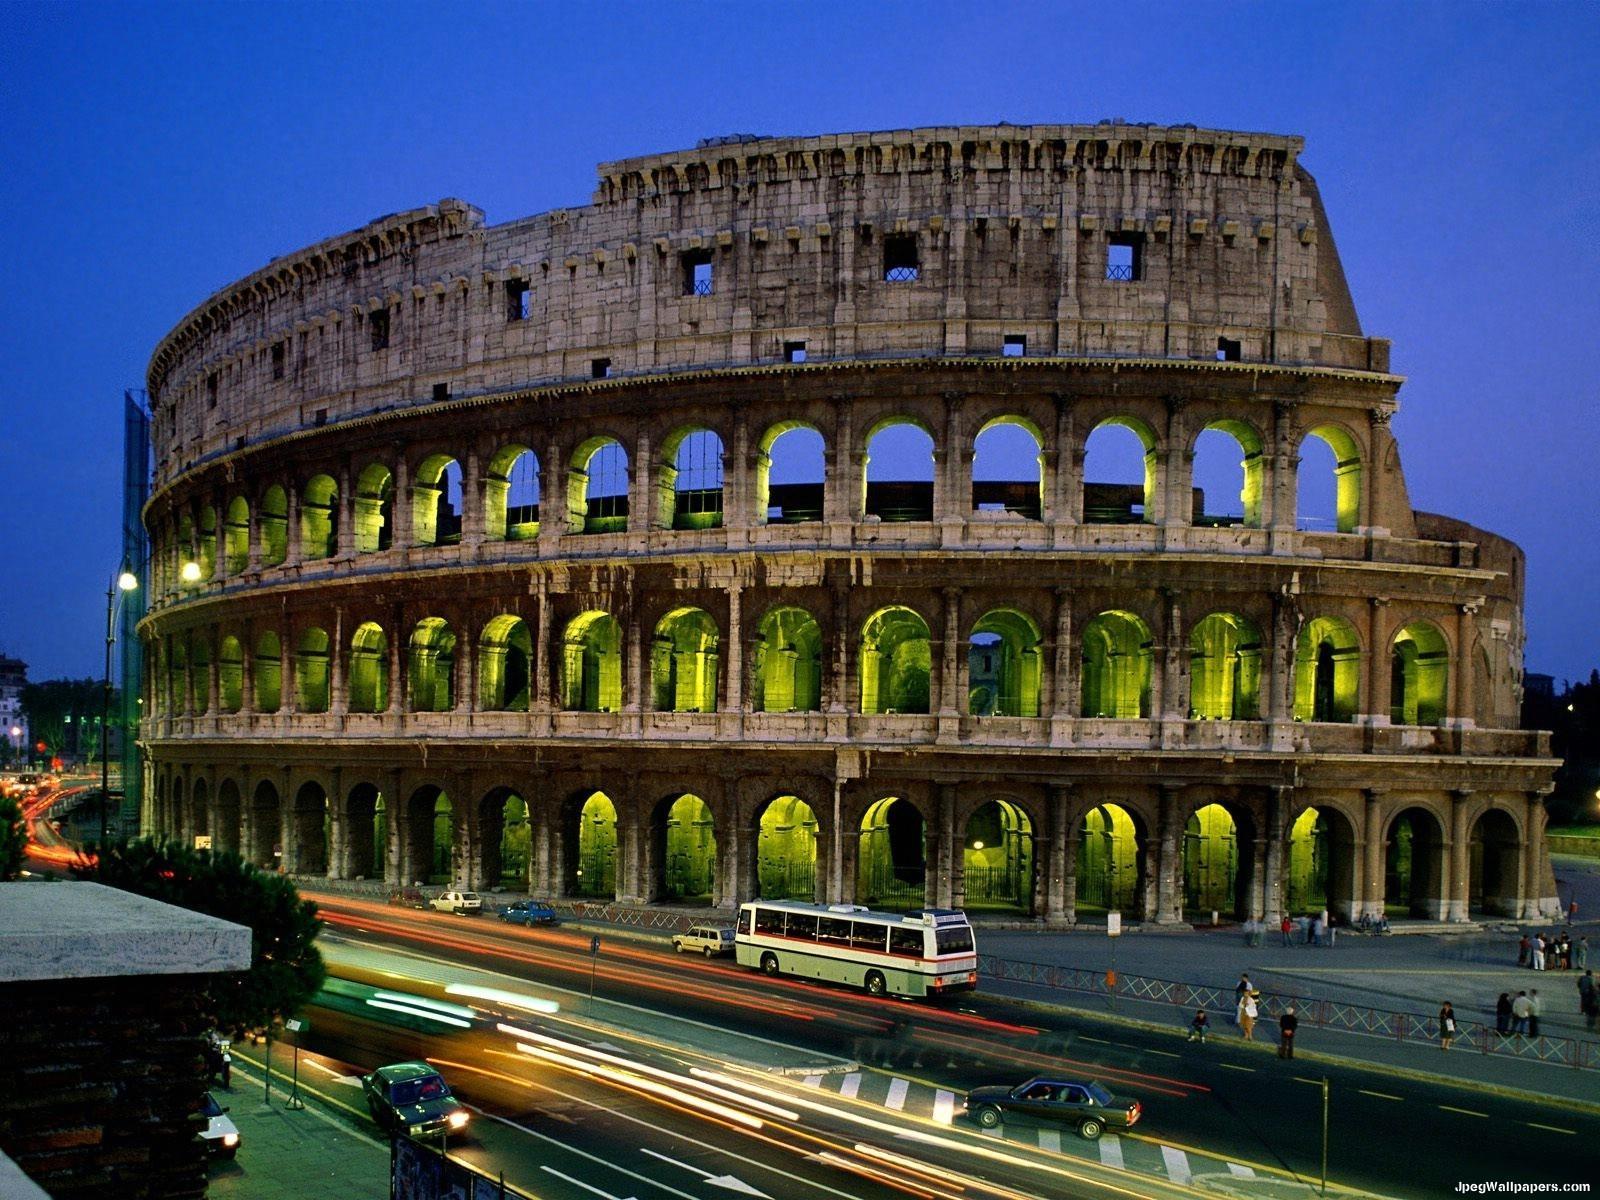 Colosseo Roma Italia wallpaper 1600x1200